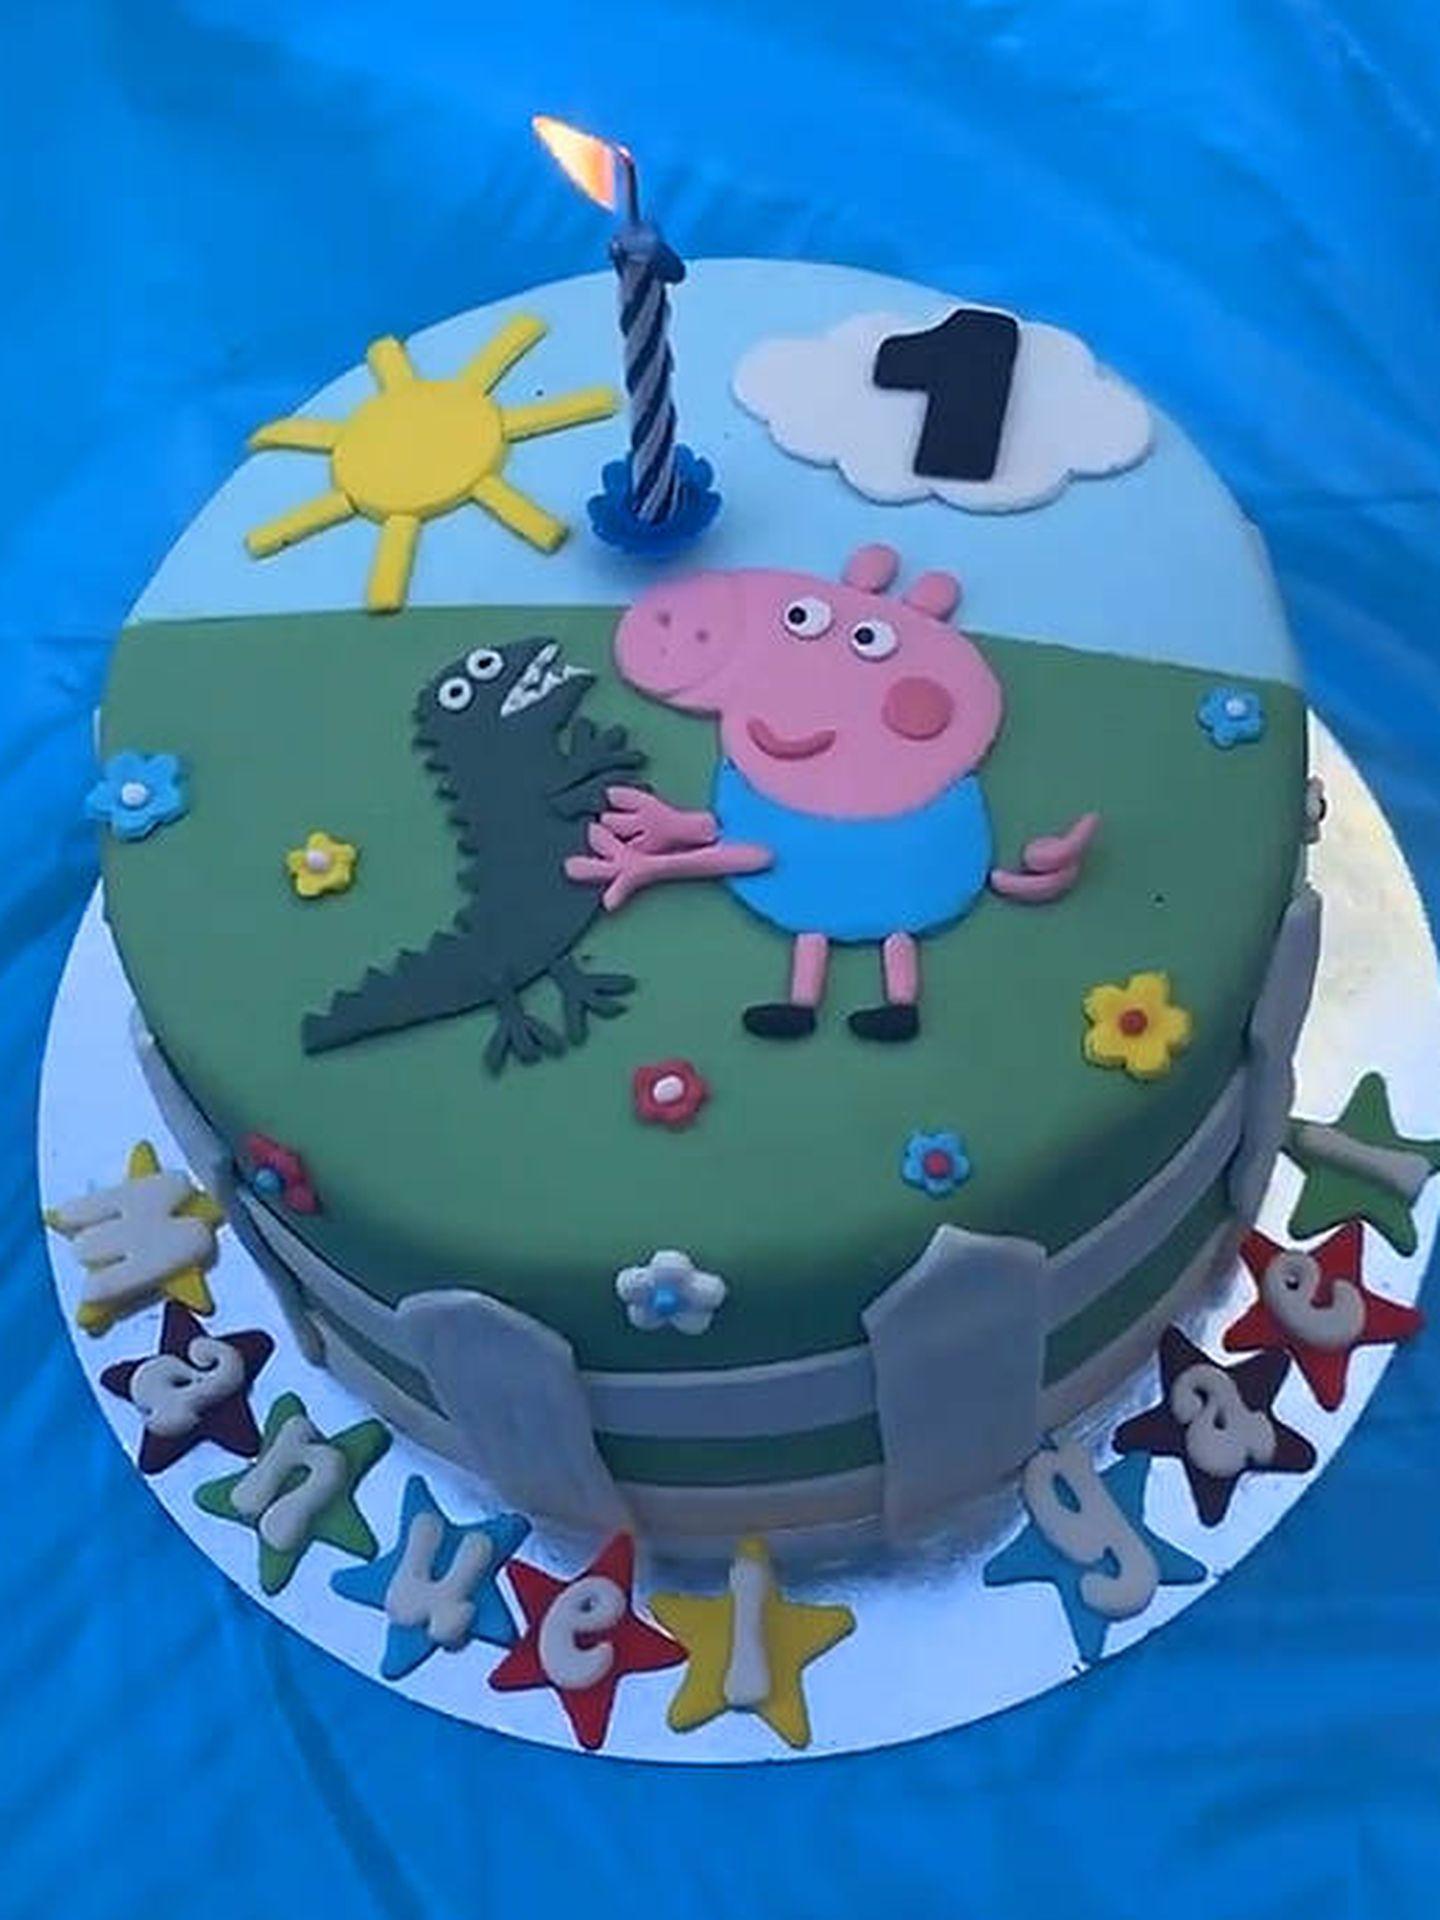 La tarta de Manuel Gael. (IG @almunavalon)